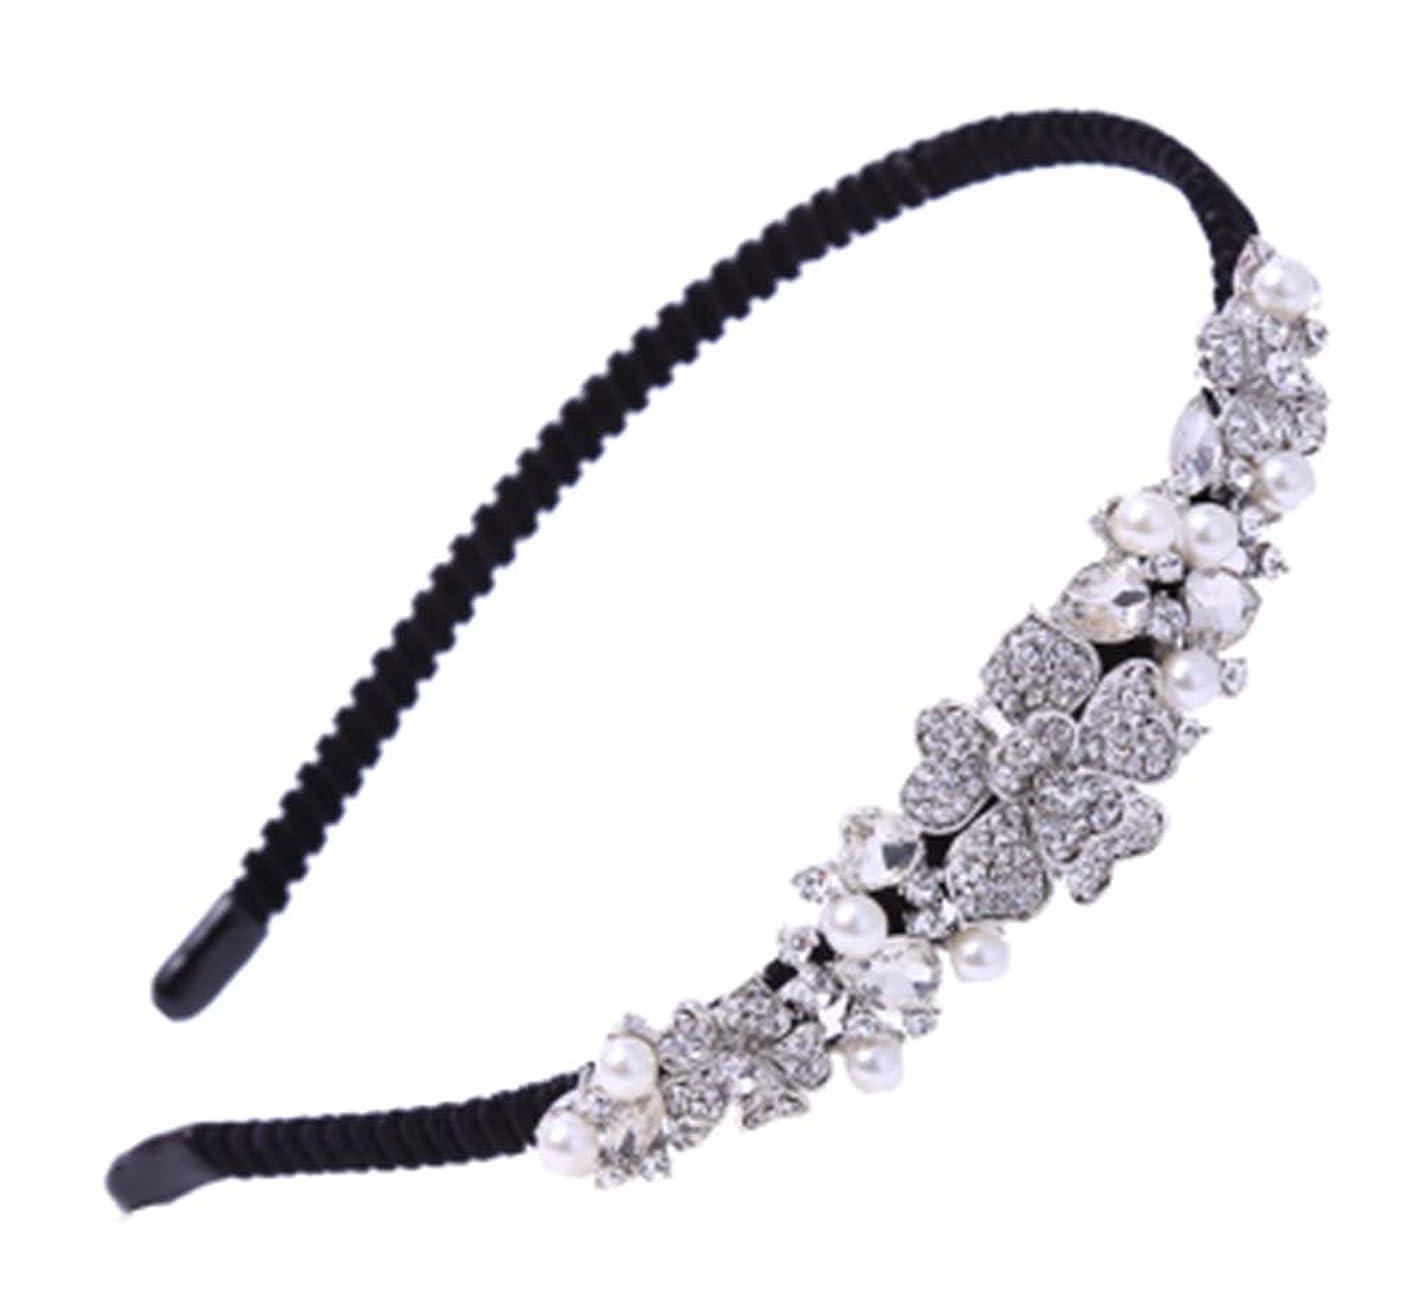 封筒うそつき透明に白いラインストーン髪のフープの弓のヘッドバンドのフープファッション髪の装飾品